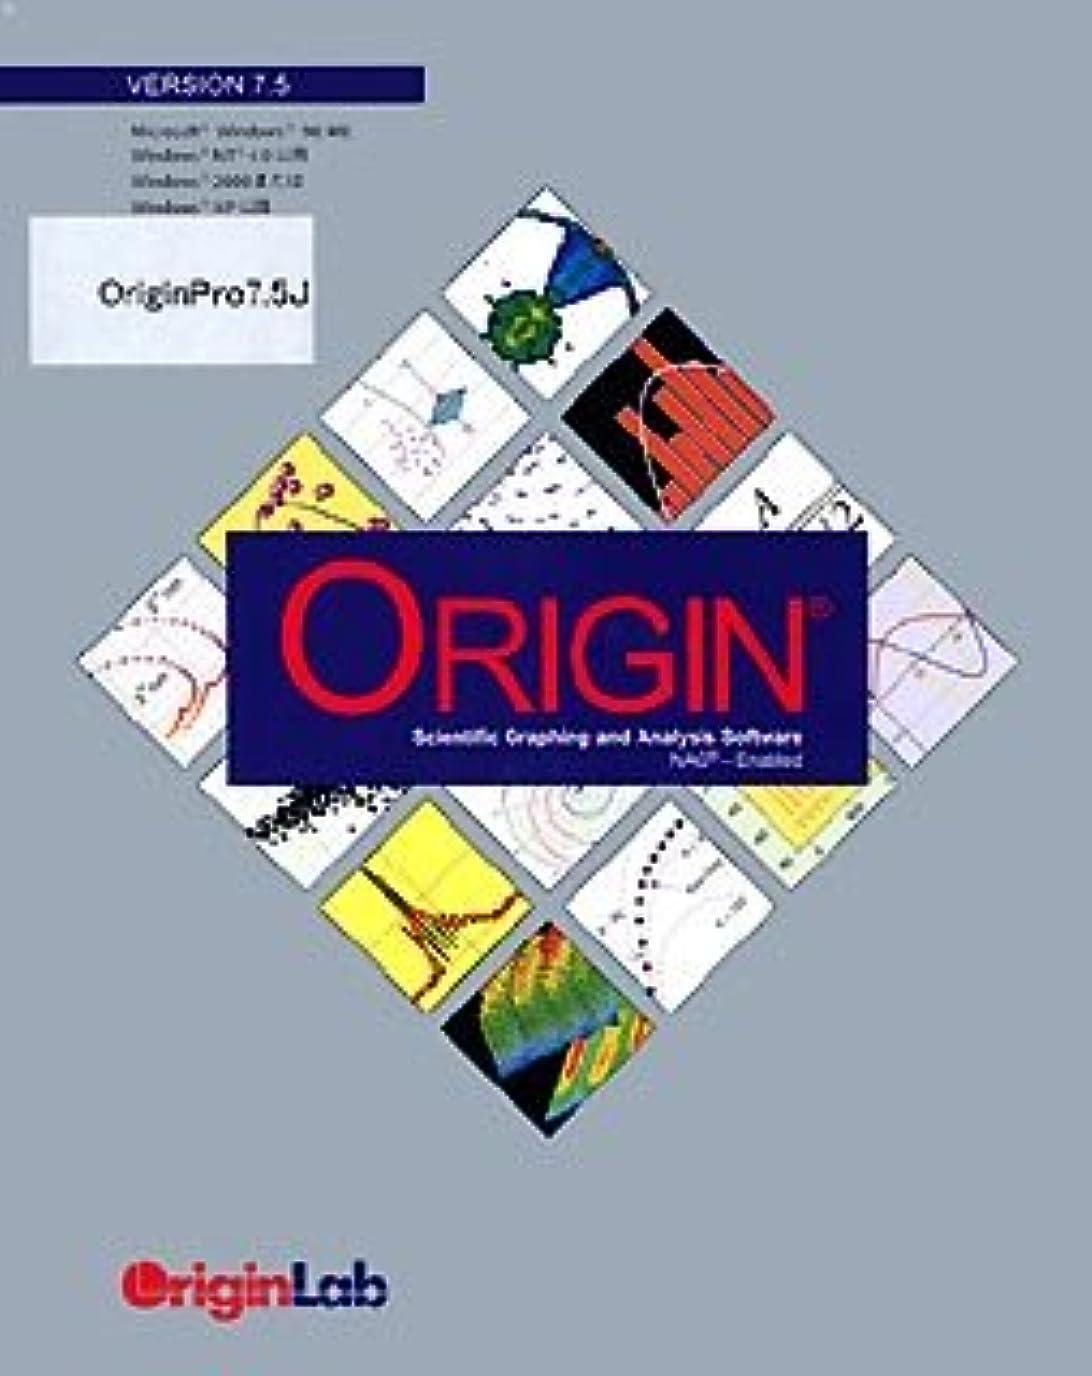 魅力的であることへのアピール結果として登るOrigin Pro 7.5J